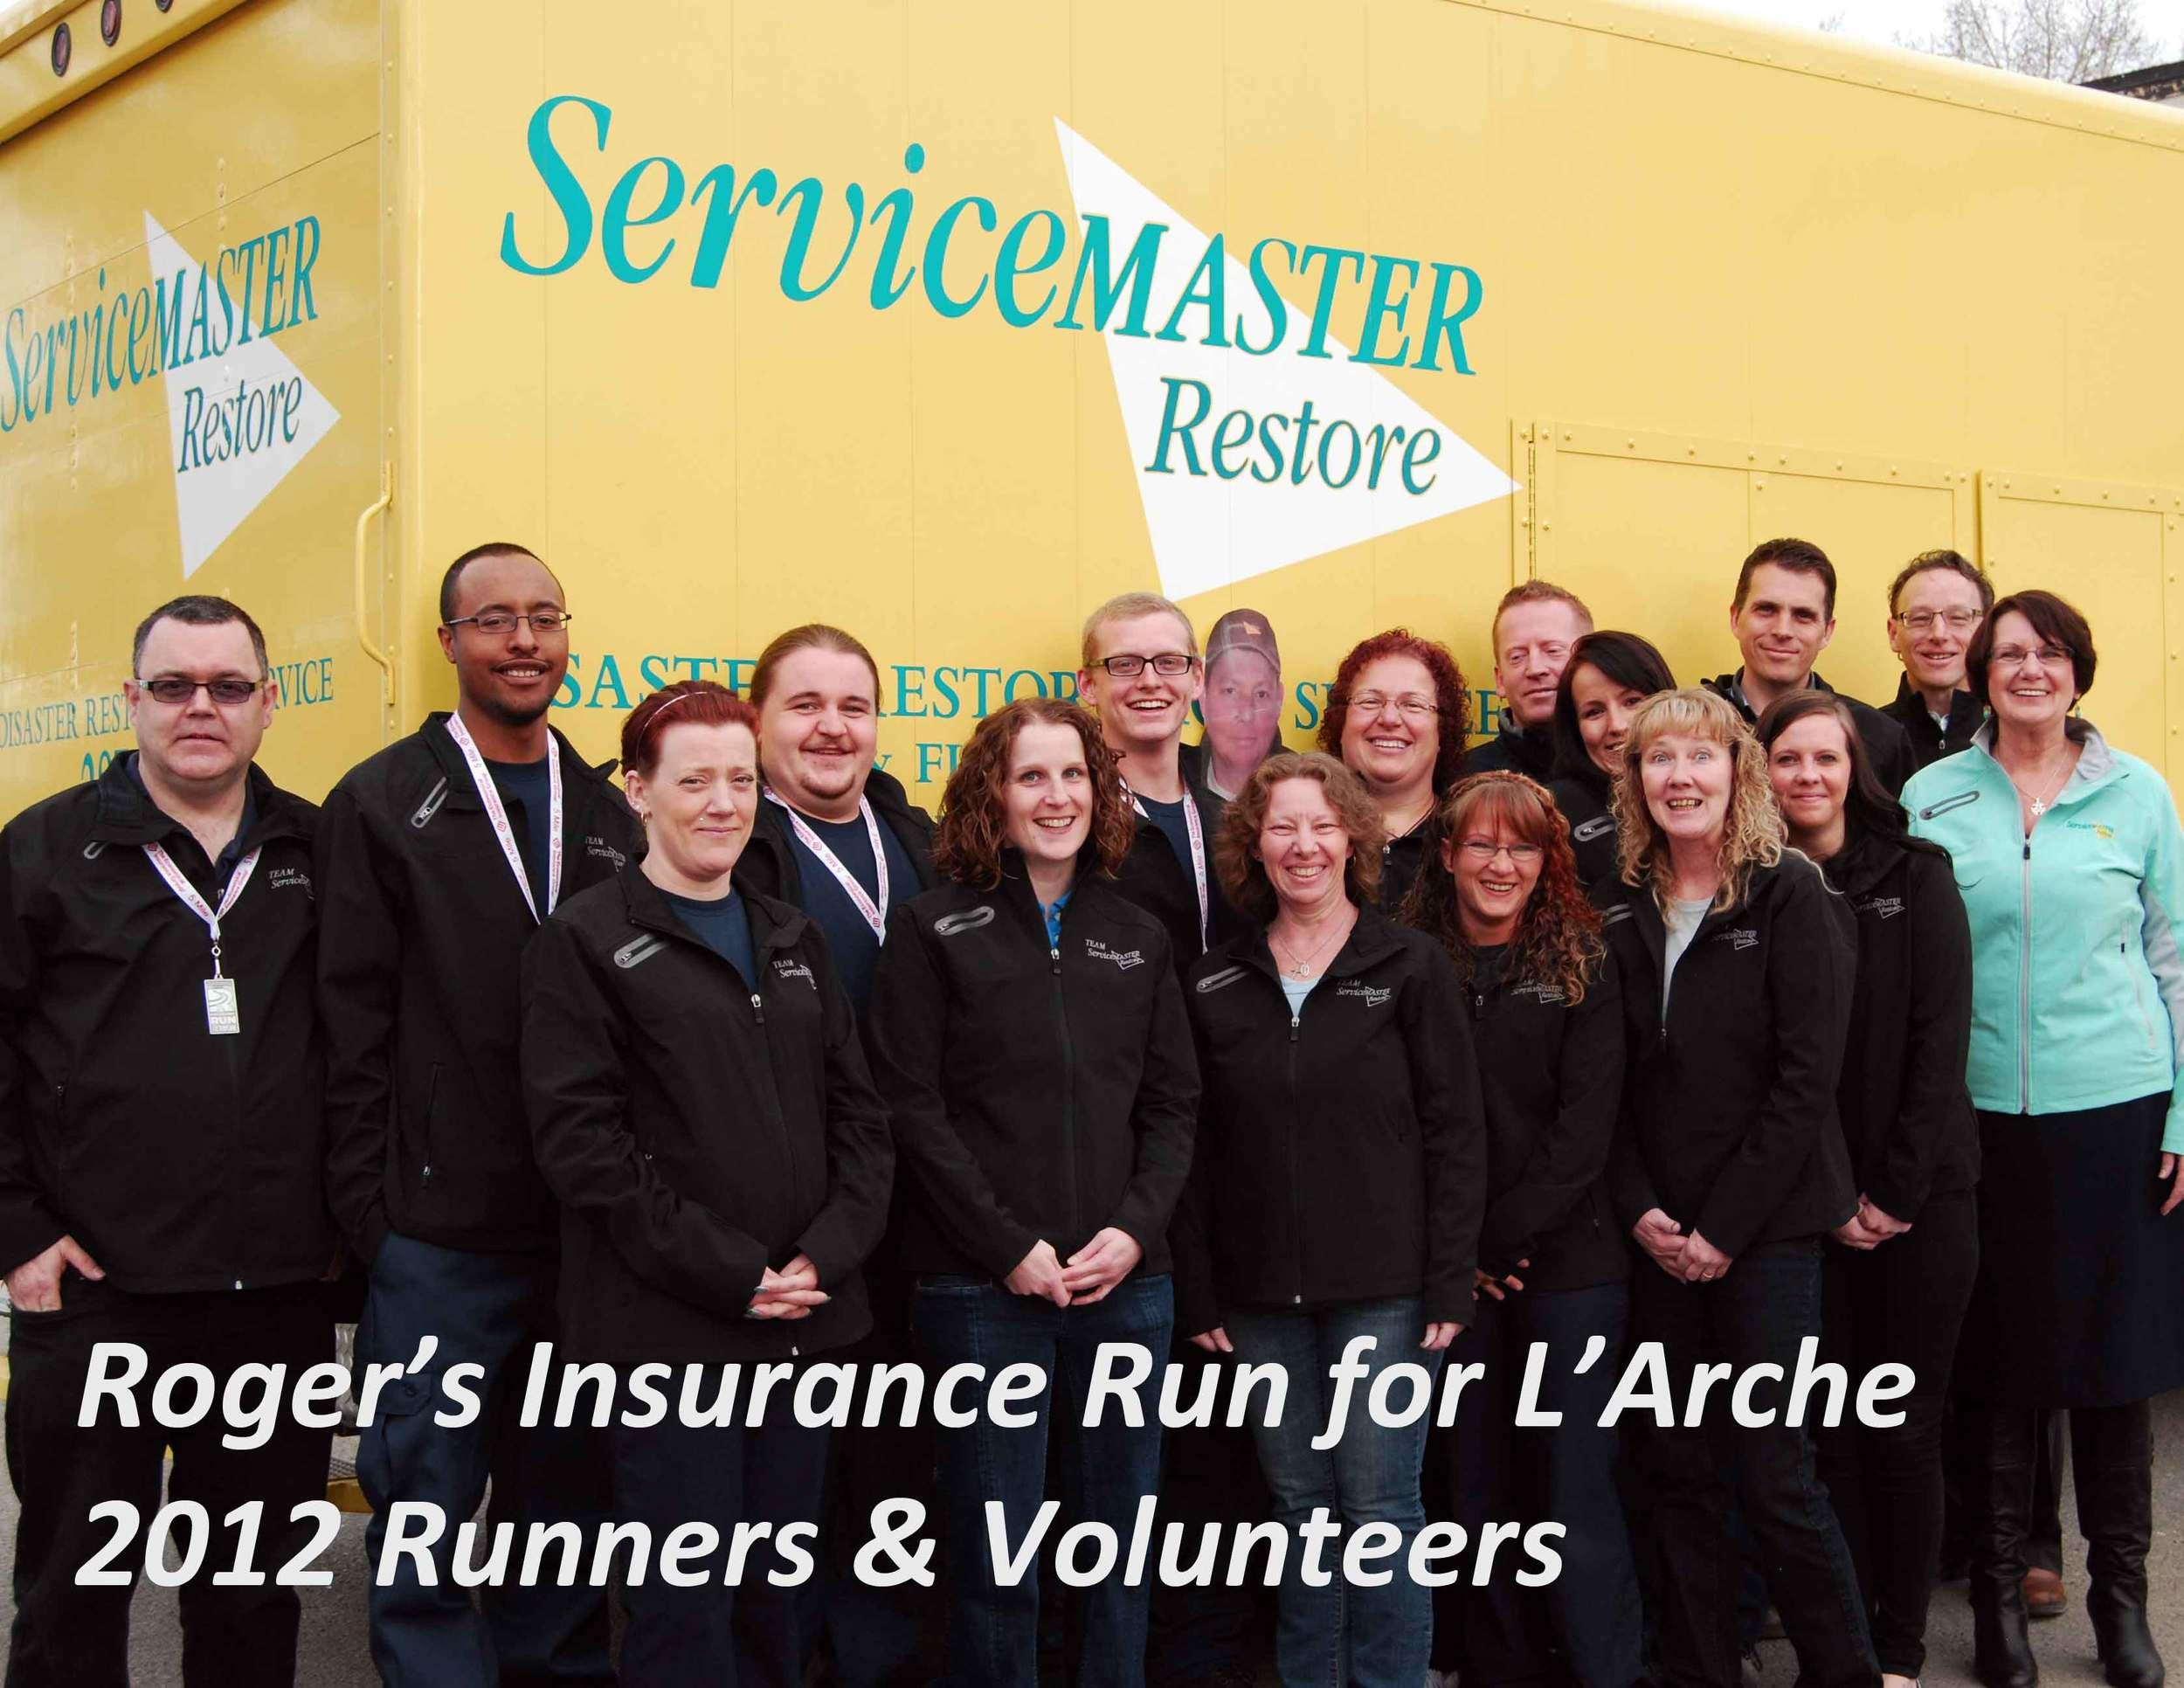 servicemaster larche run 2012